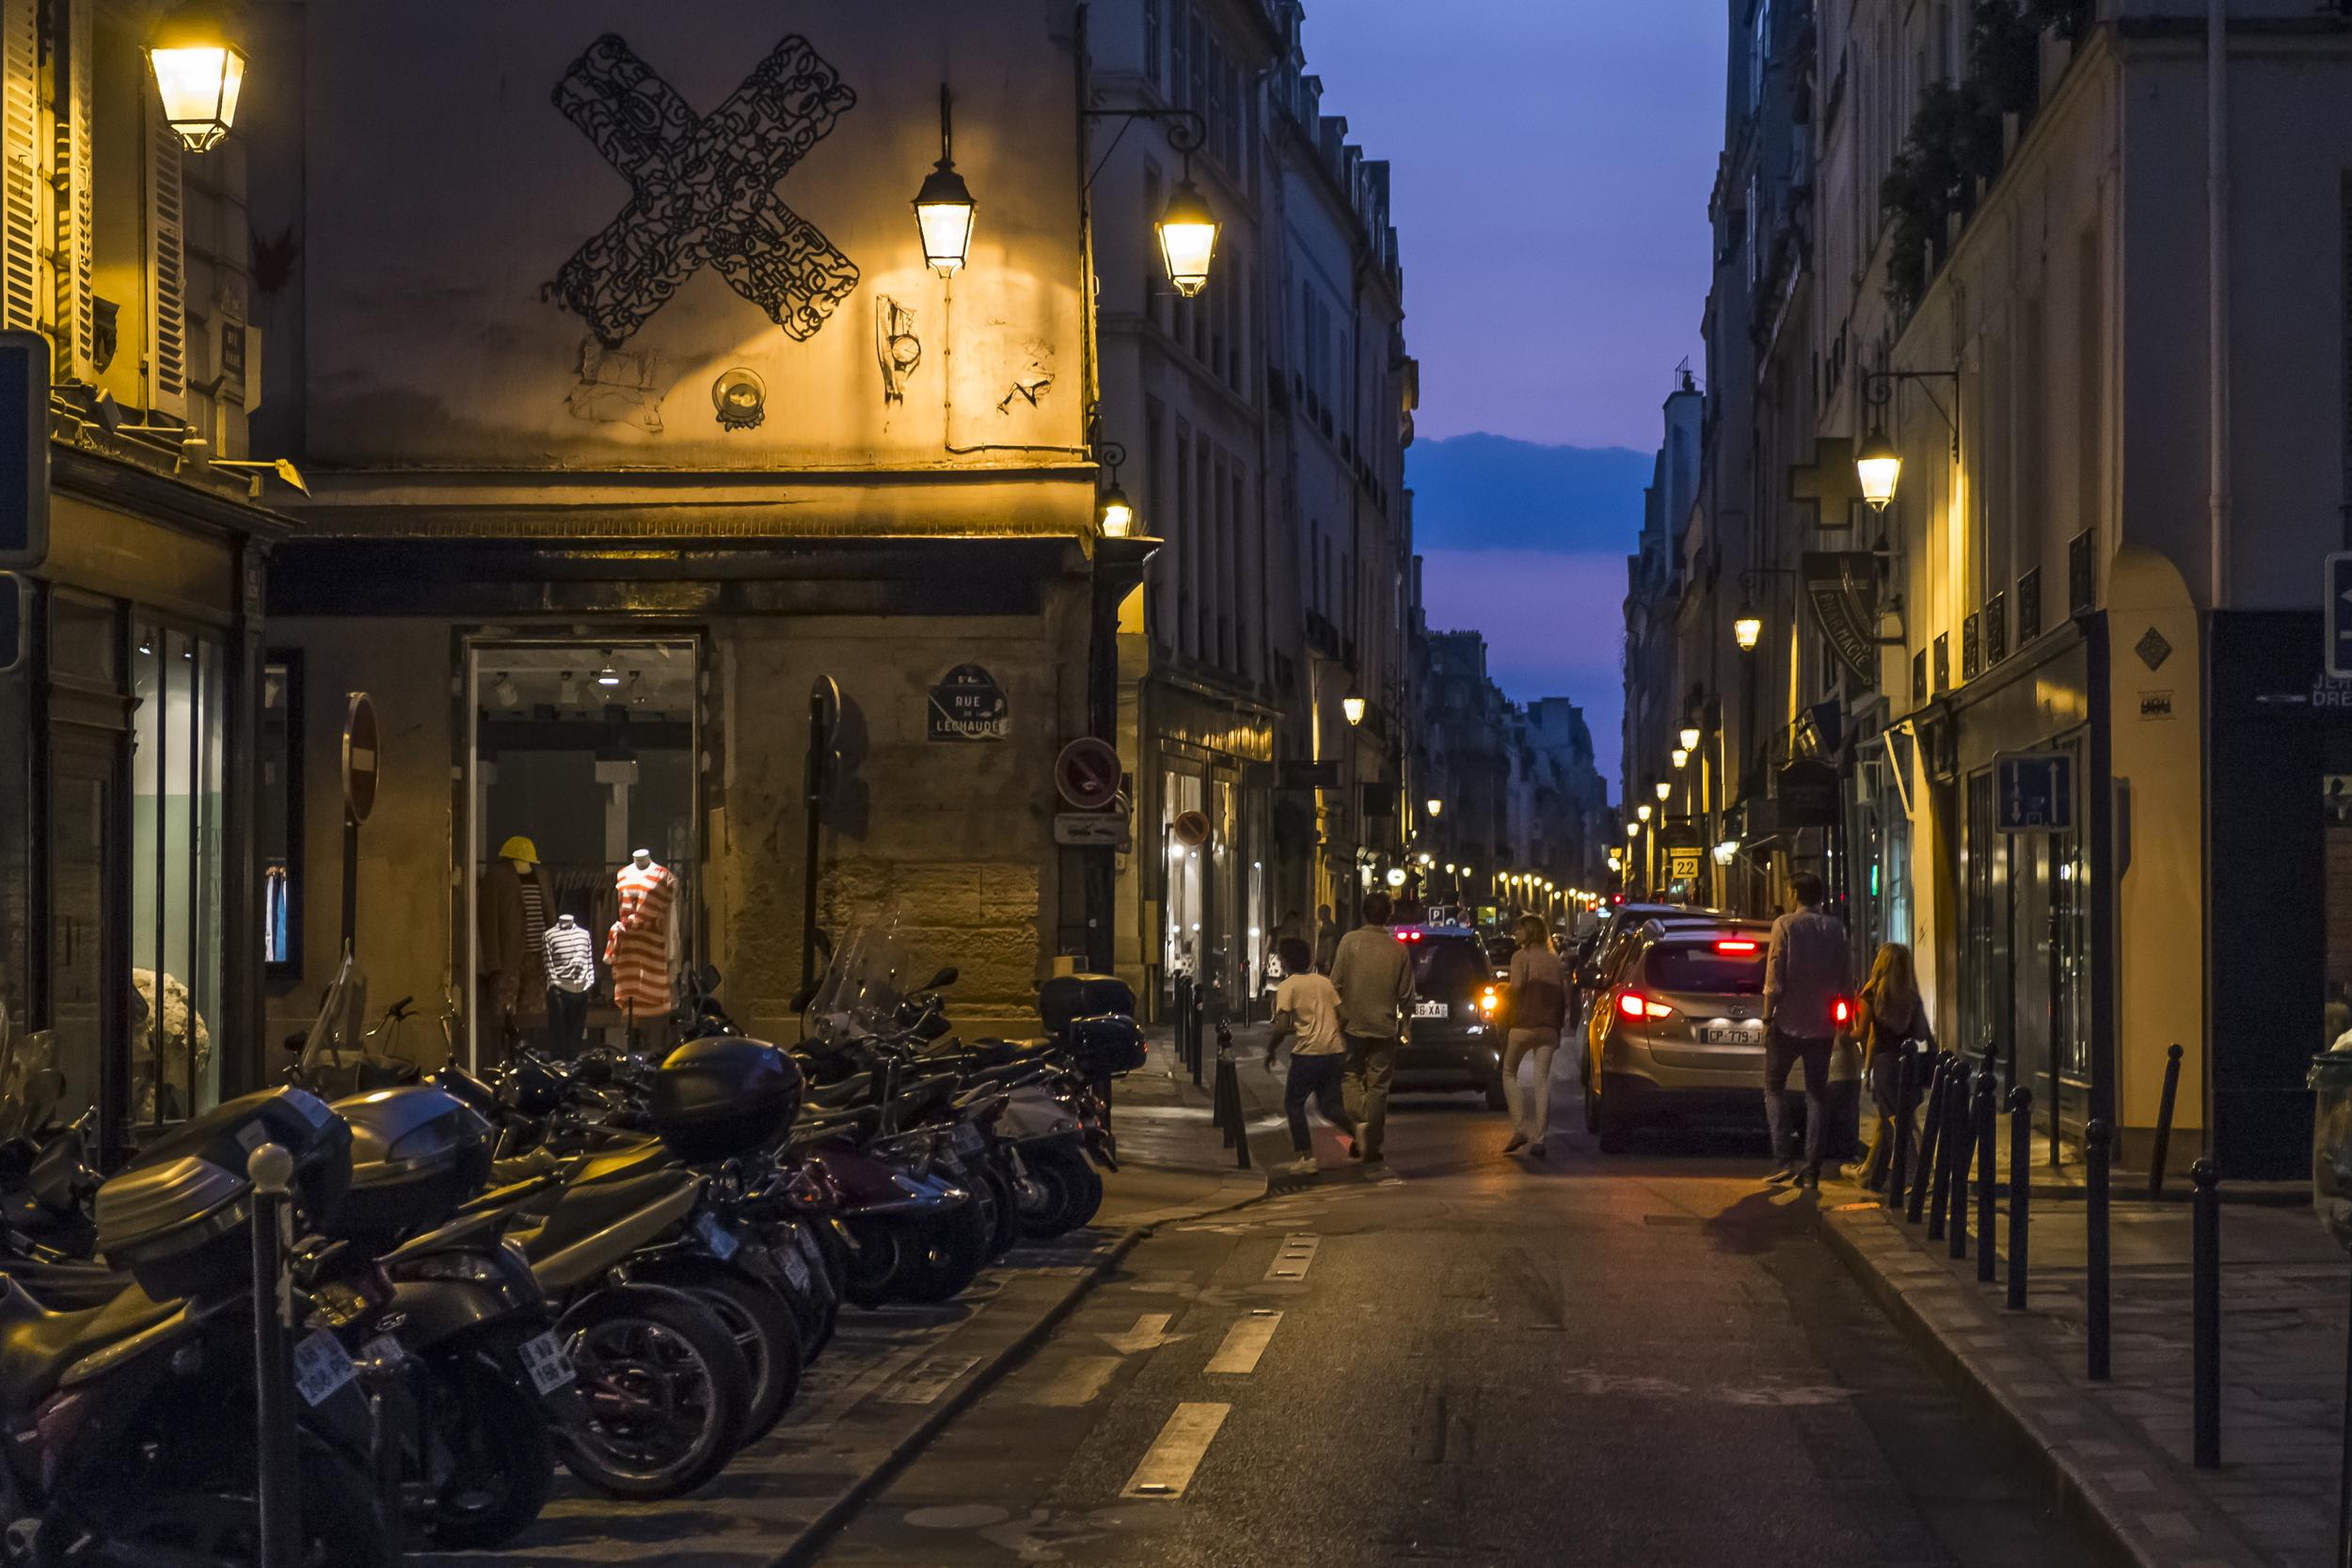 Paris-RueDeLechaude-20130706-DSCF3492.jpg